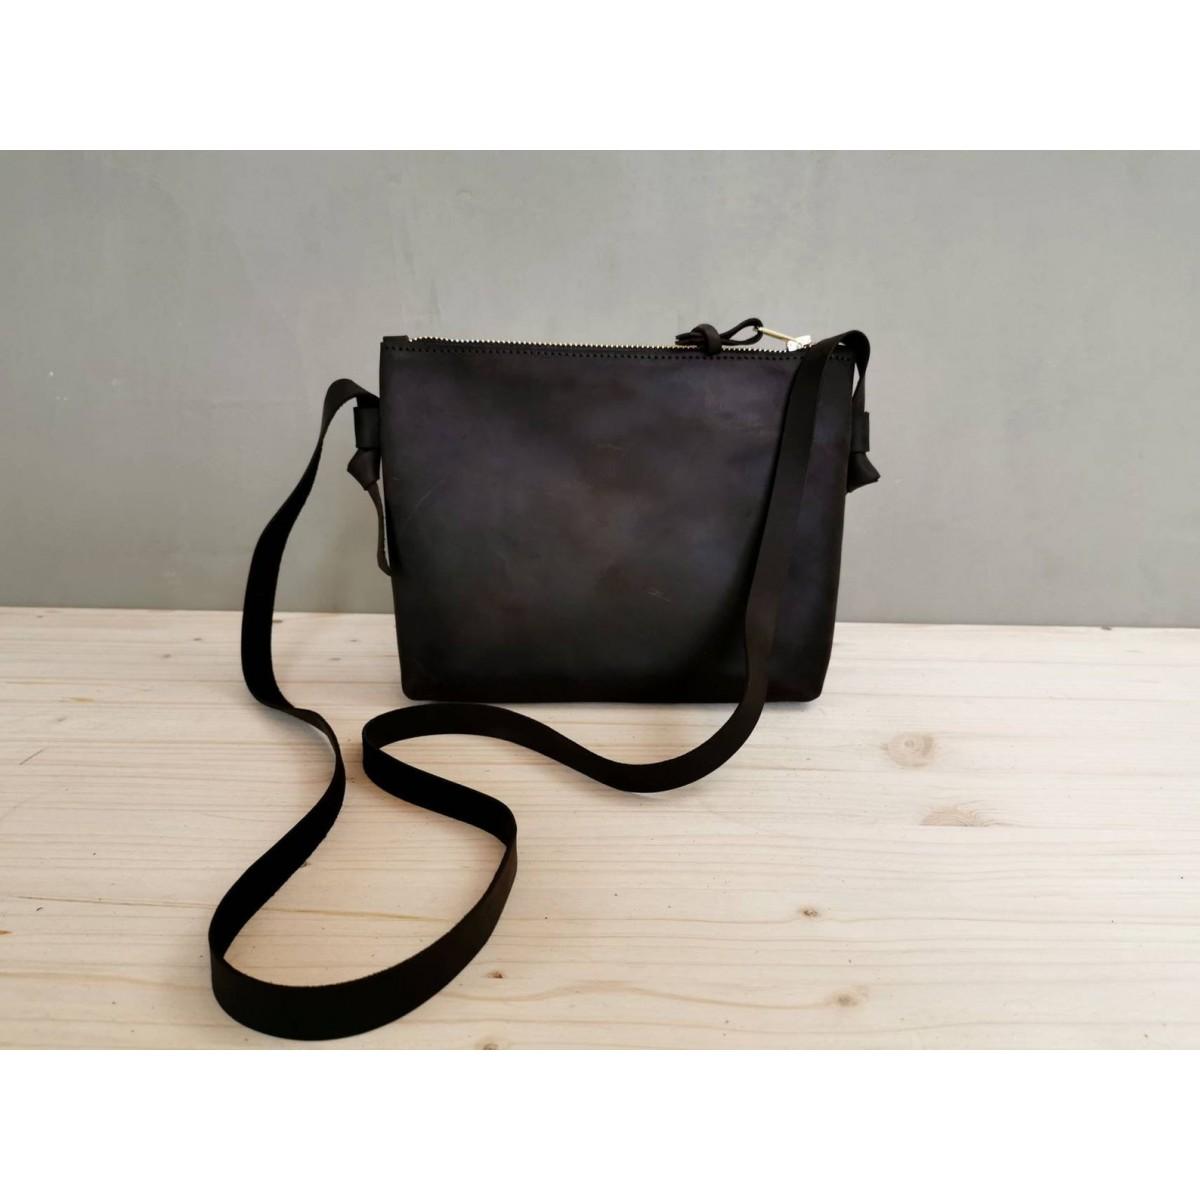 BSAITE kleine Schultertasche / Crossbody Bag Echt Leder / dunkelbraun